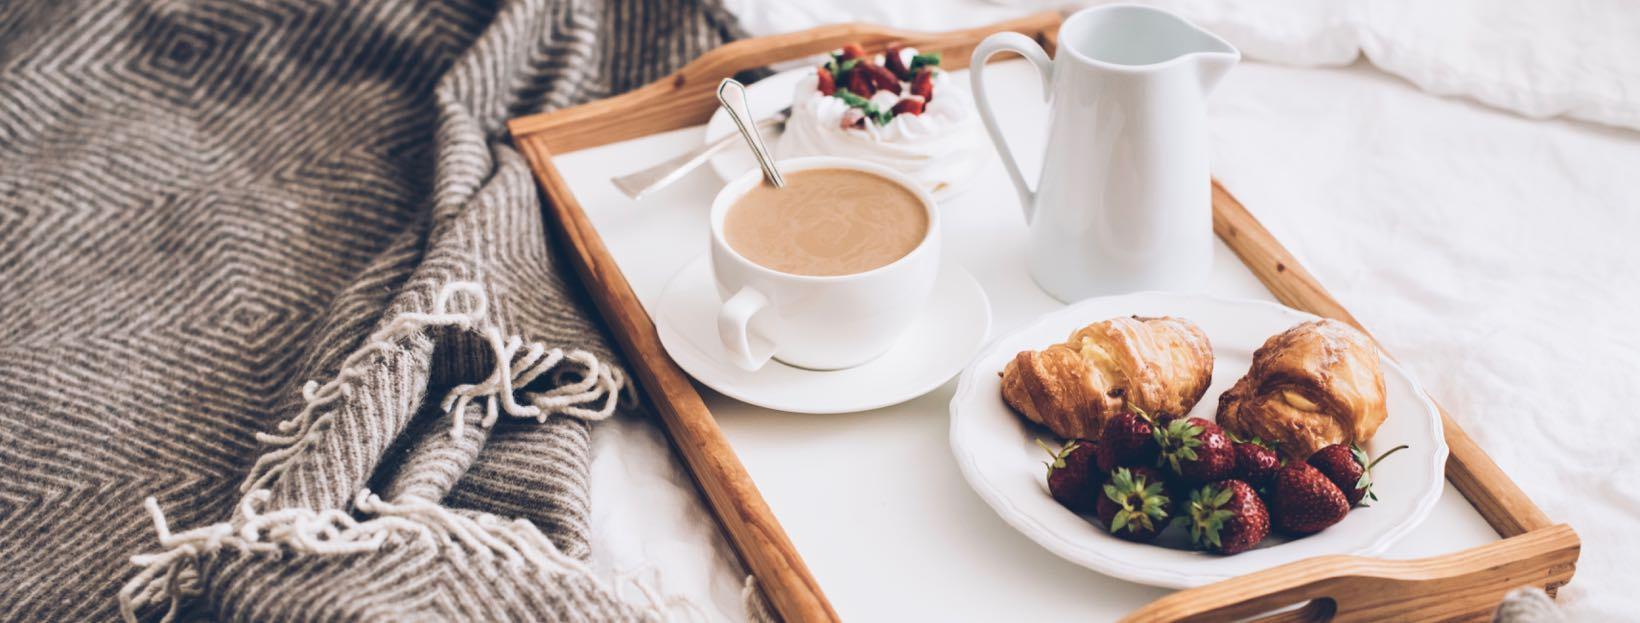 Frühstück im Bett: Positive Guten Morgen Bilder